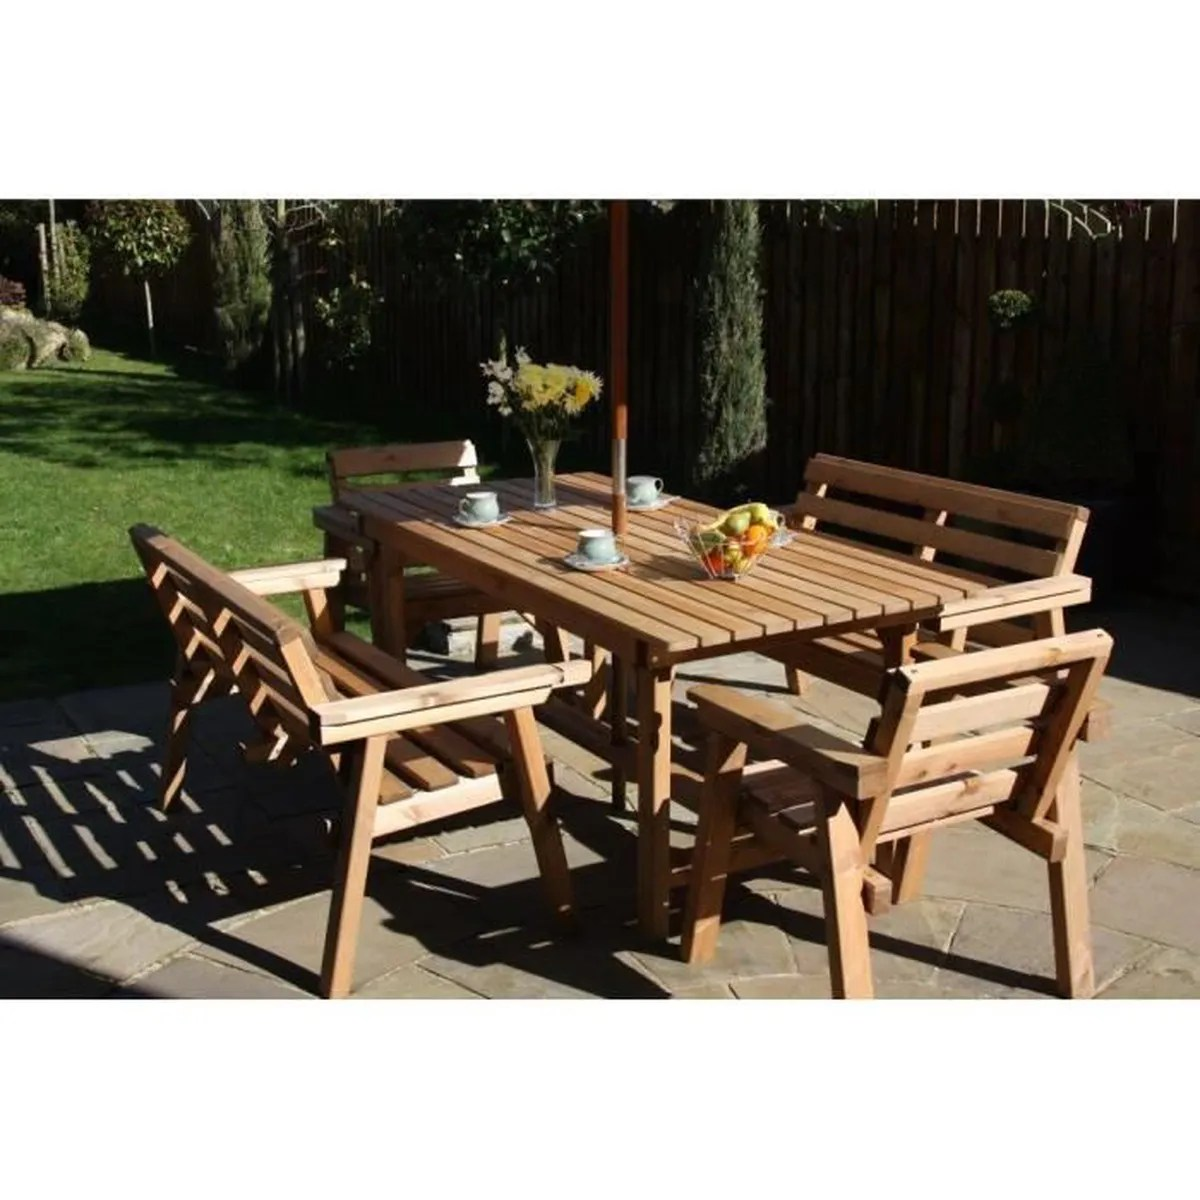 salon de jardin ensemble patio jardin meubles 6ft table 2 banc